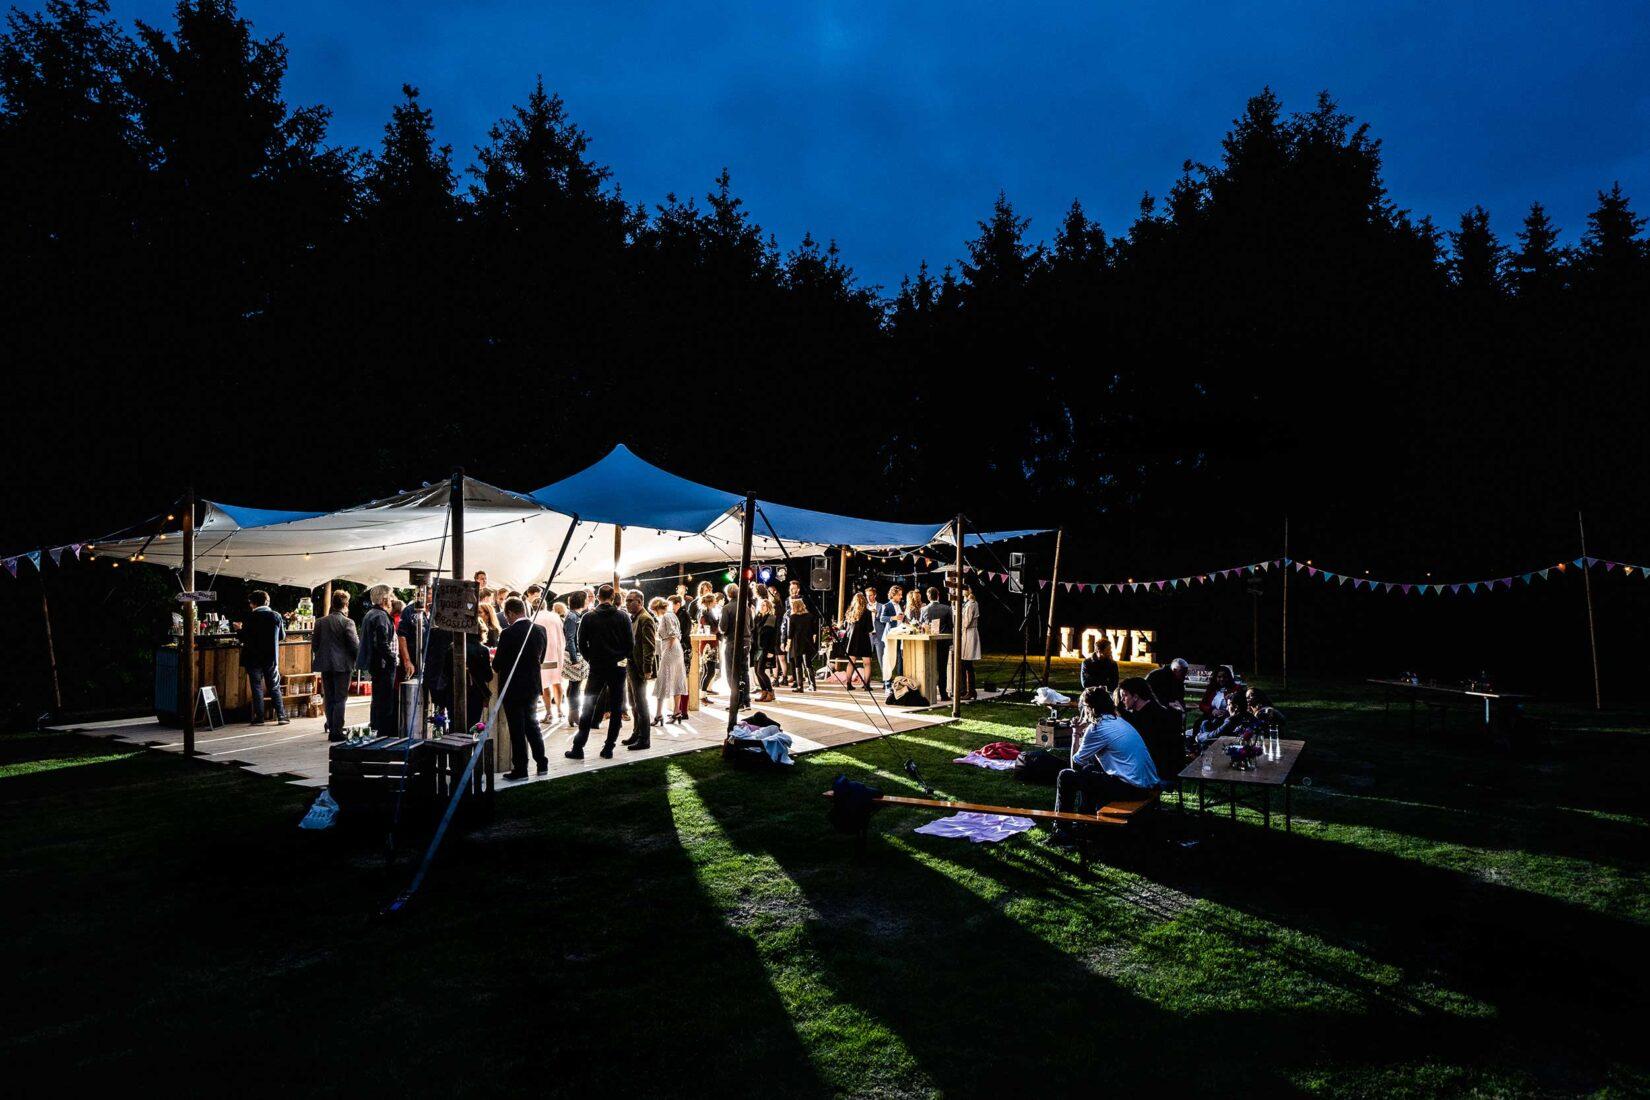 Feest in tent tijdens bruiloft